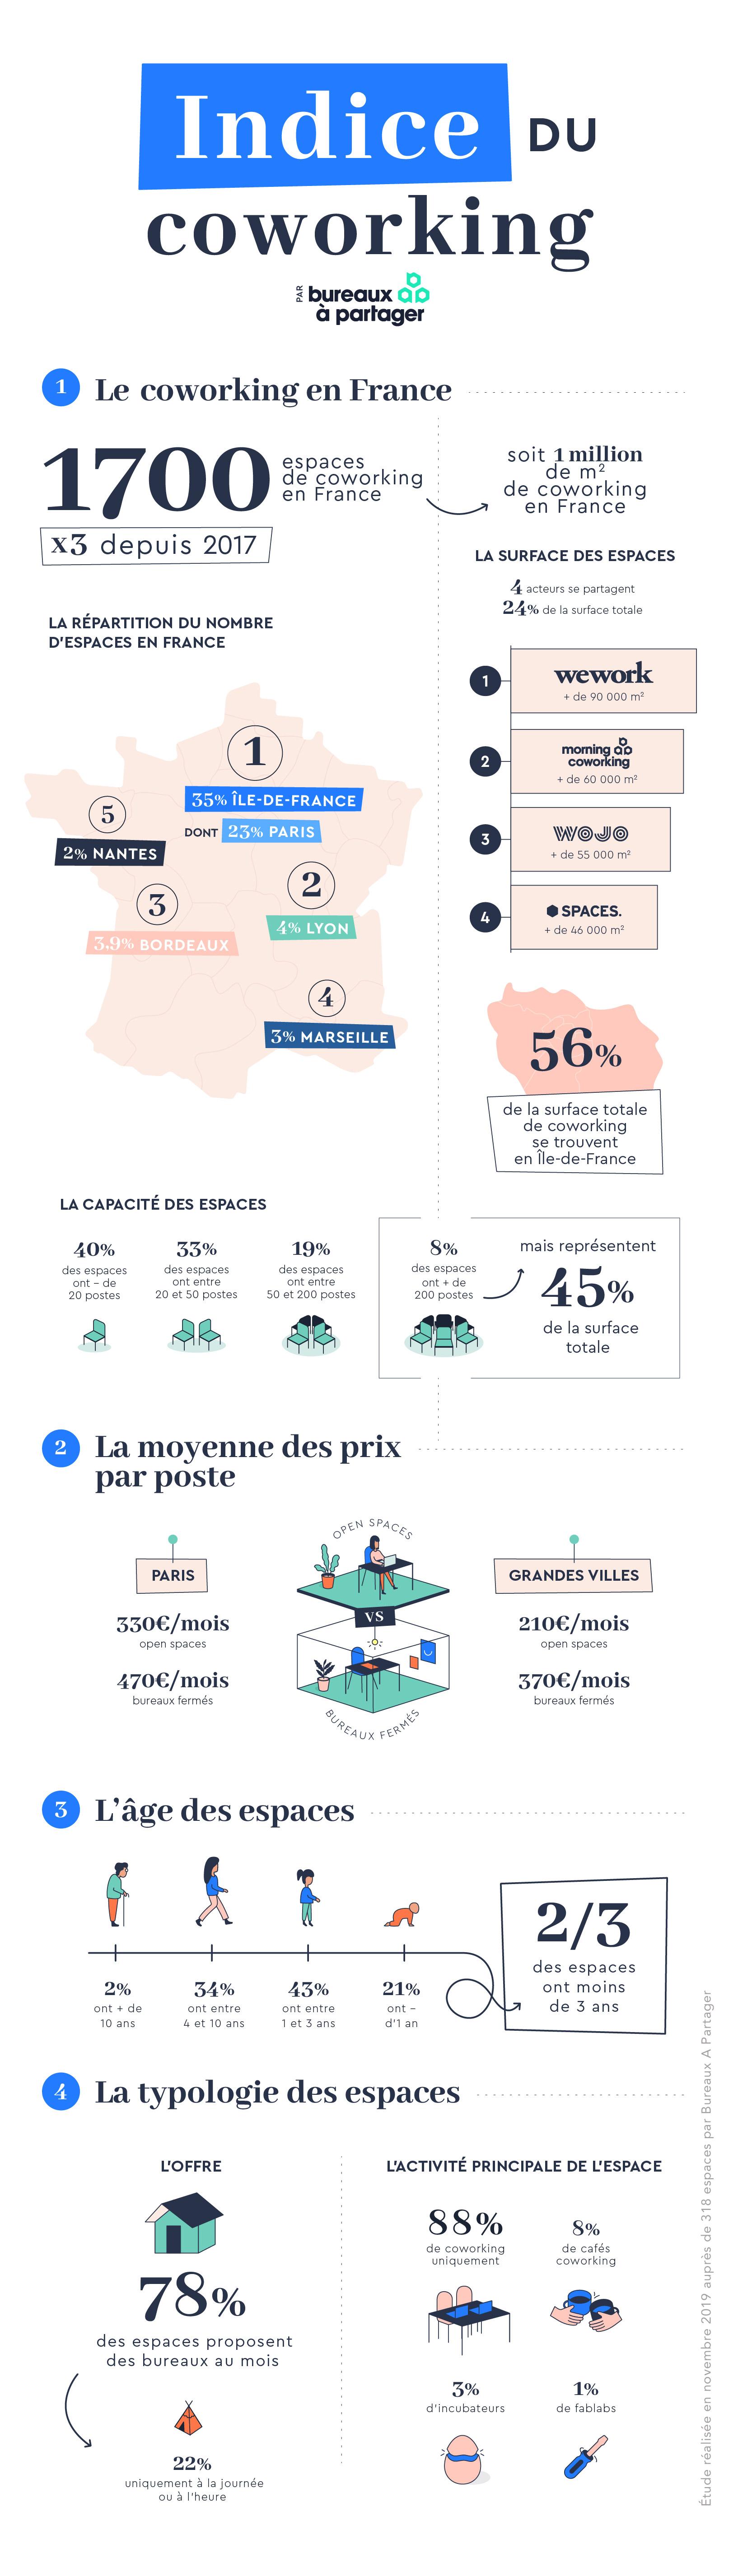 L'infographie du coworking 2019 : tendances et chiffres clés du marché